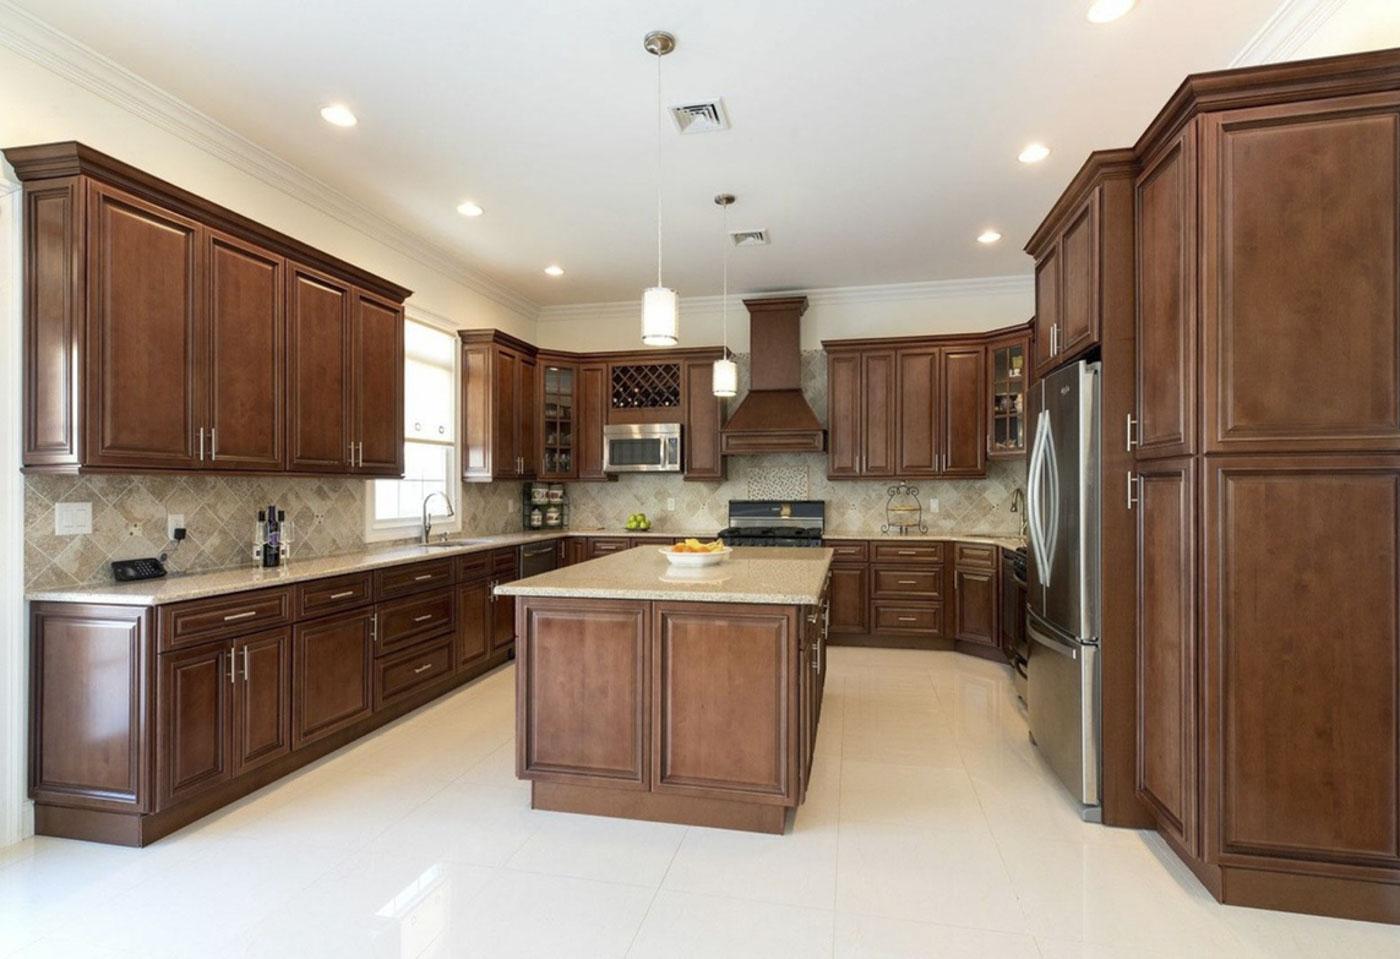 CABINET CONSTRUCTION & Sierra Brown \u2013 Kitchen Cabinets